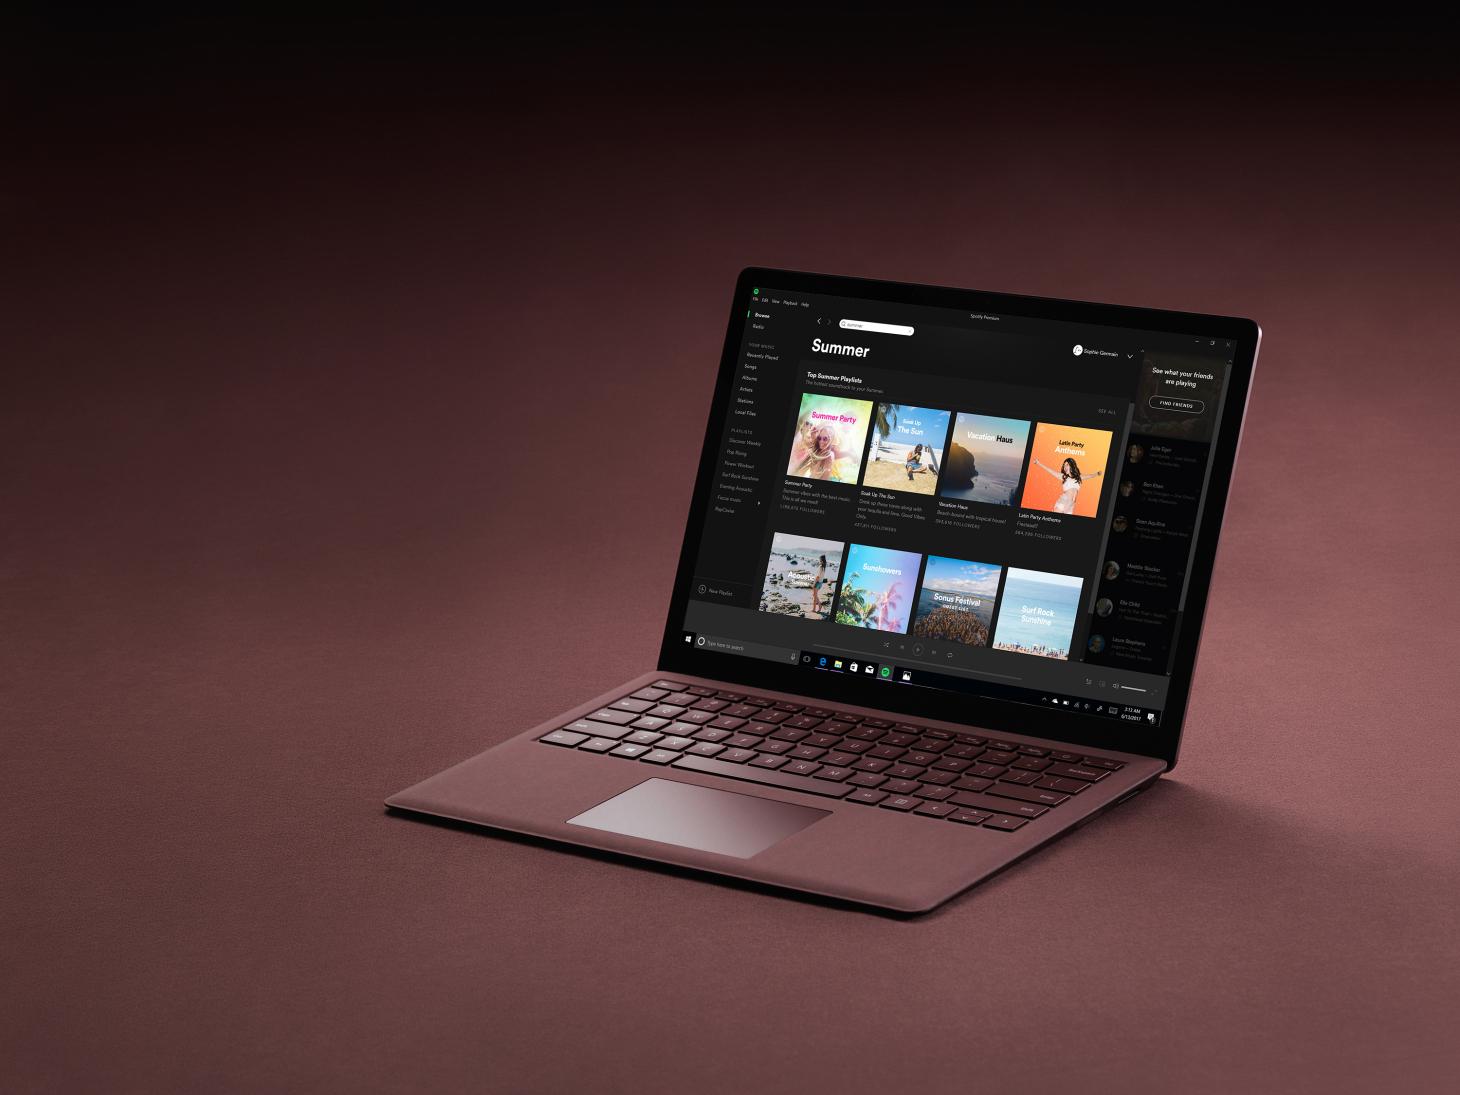 Spotify on a Windows laptop.